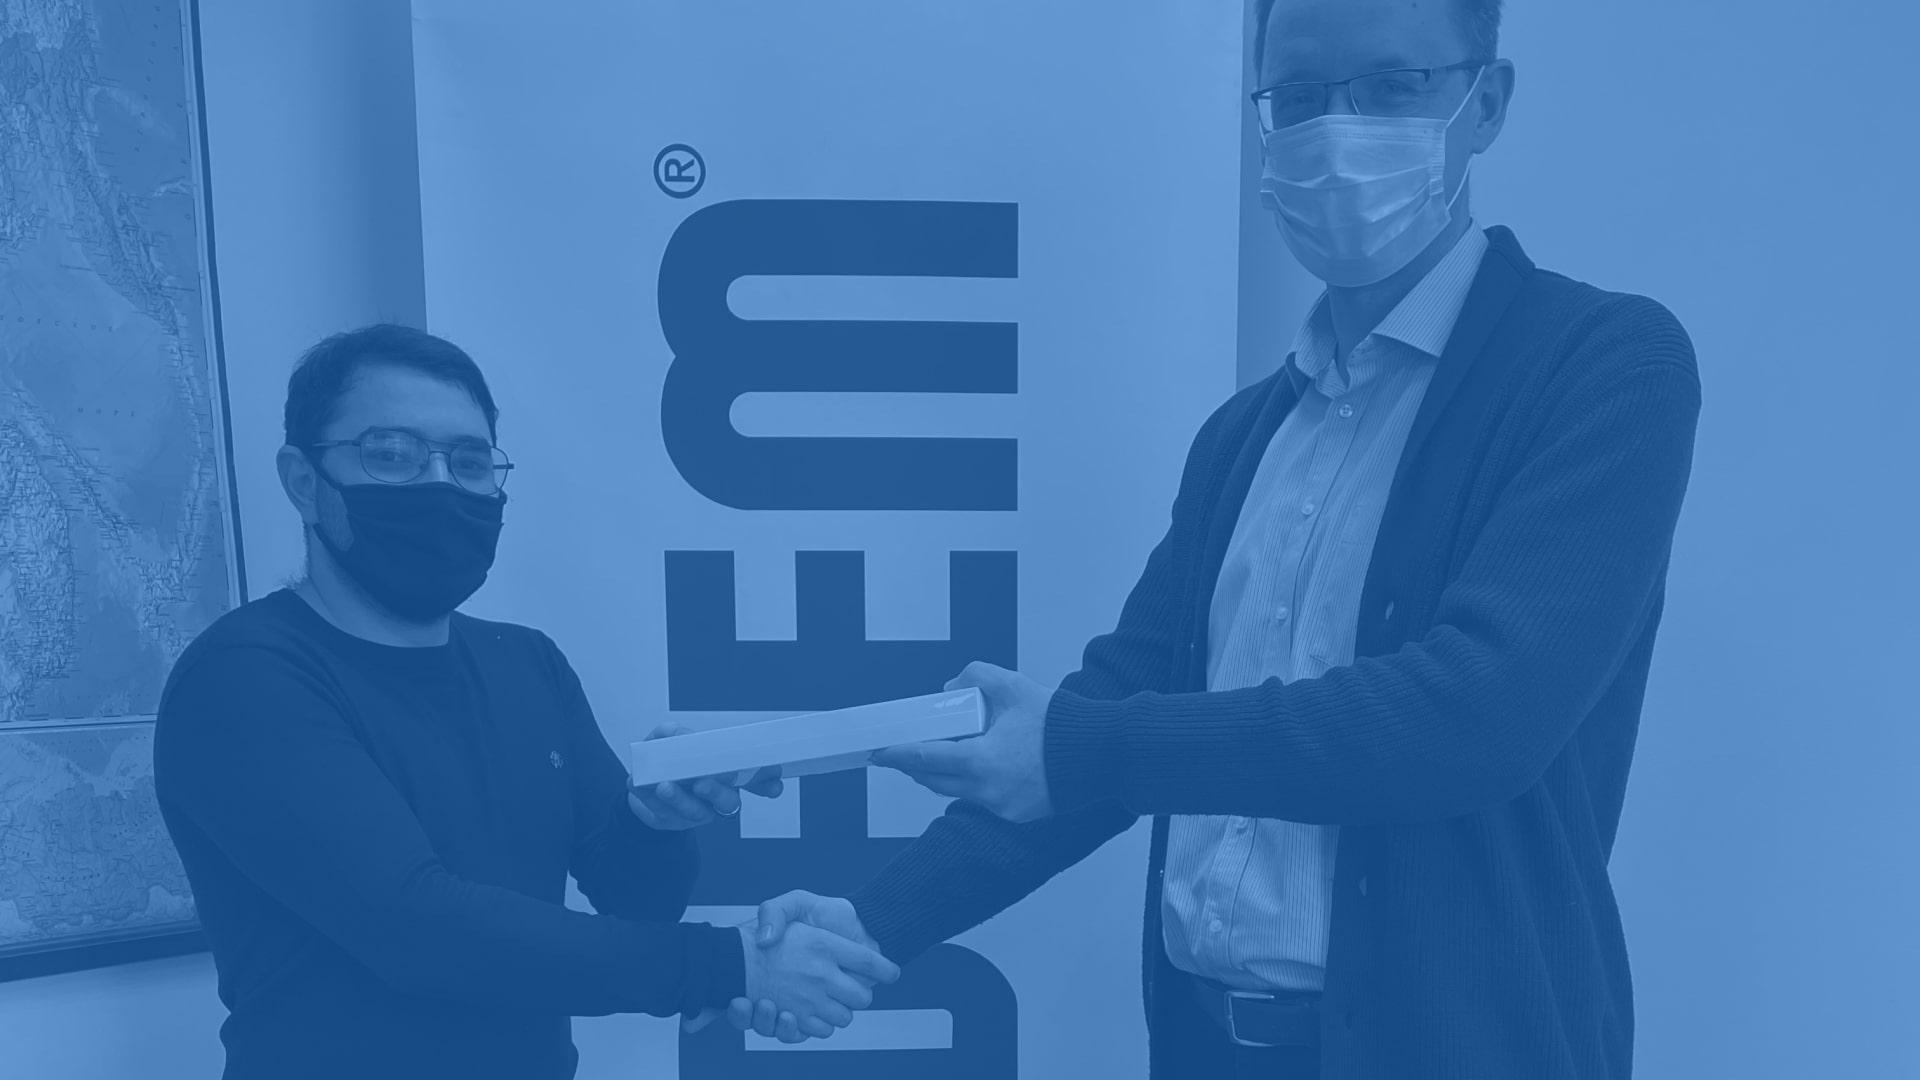 С.Саиян: «Цифровой двойник станет следующим этапом развития BIM-технологий в строительной отрасли»